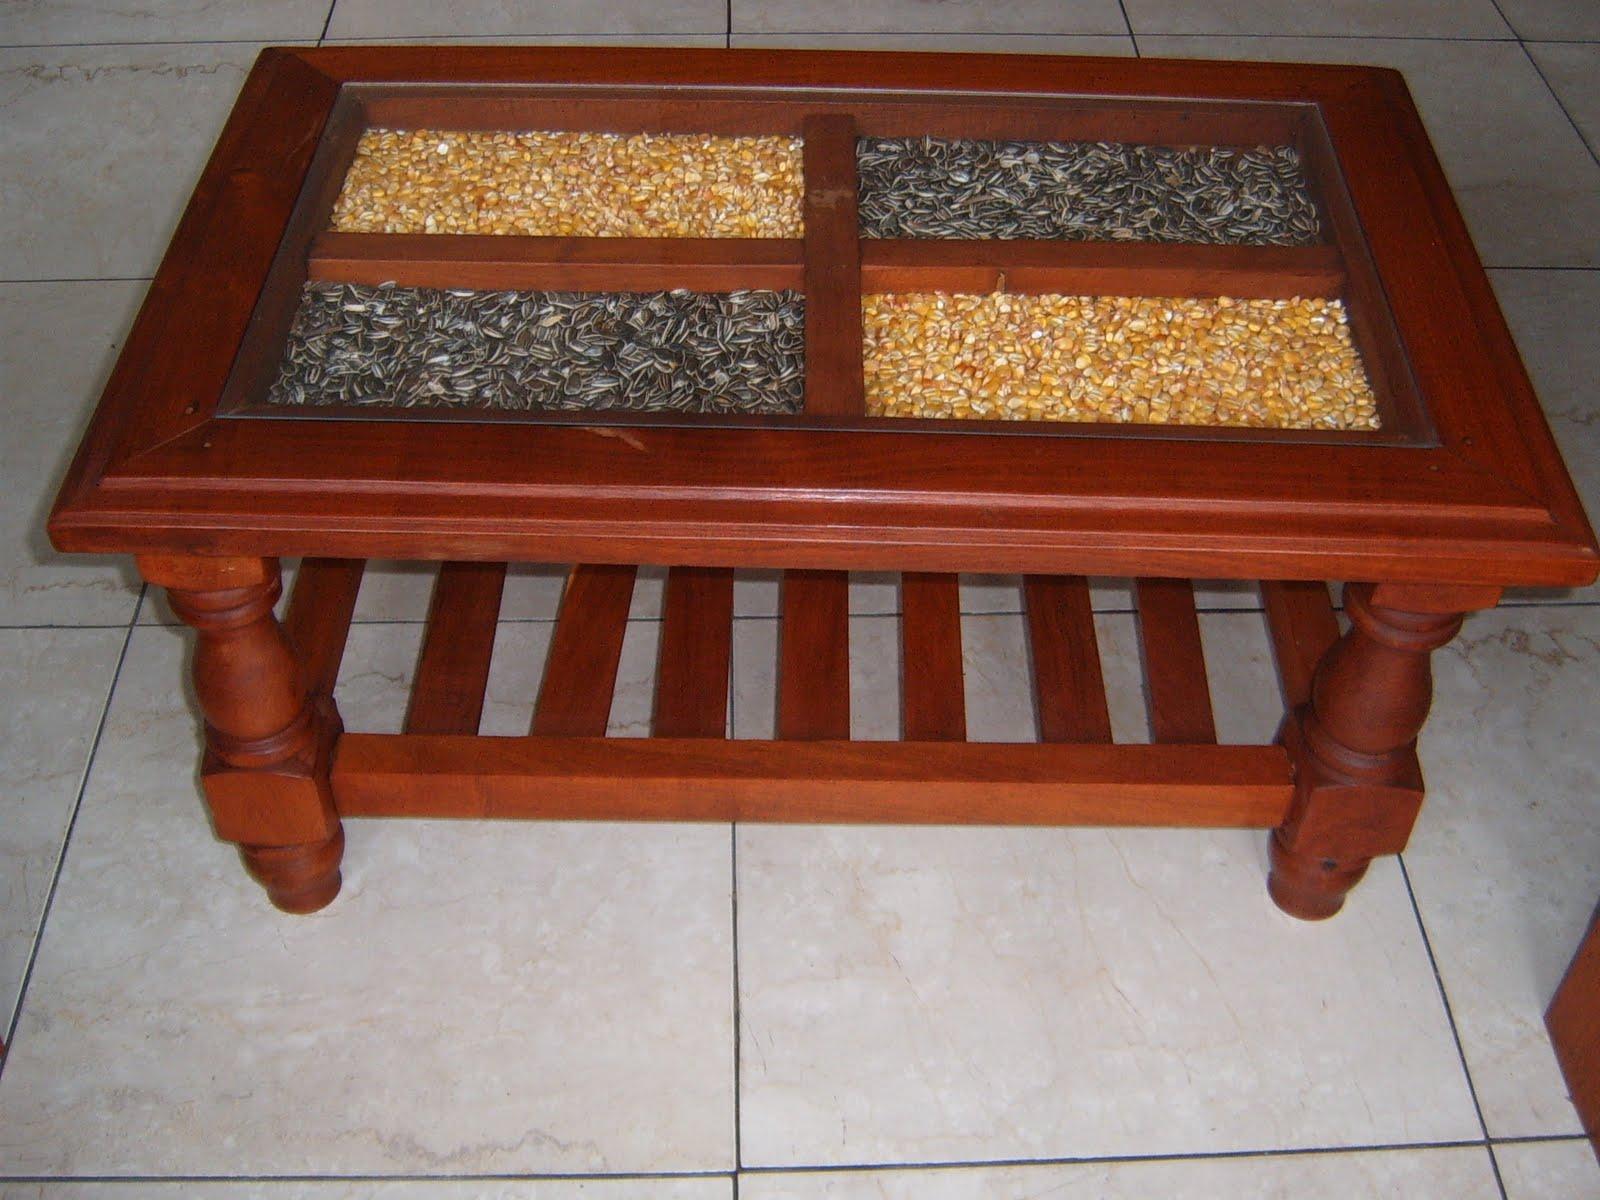 Mundoalgarrobo mesas ratonas de algarrobo for Mesa algarrobo precio